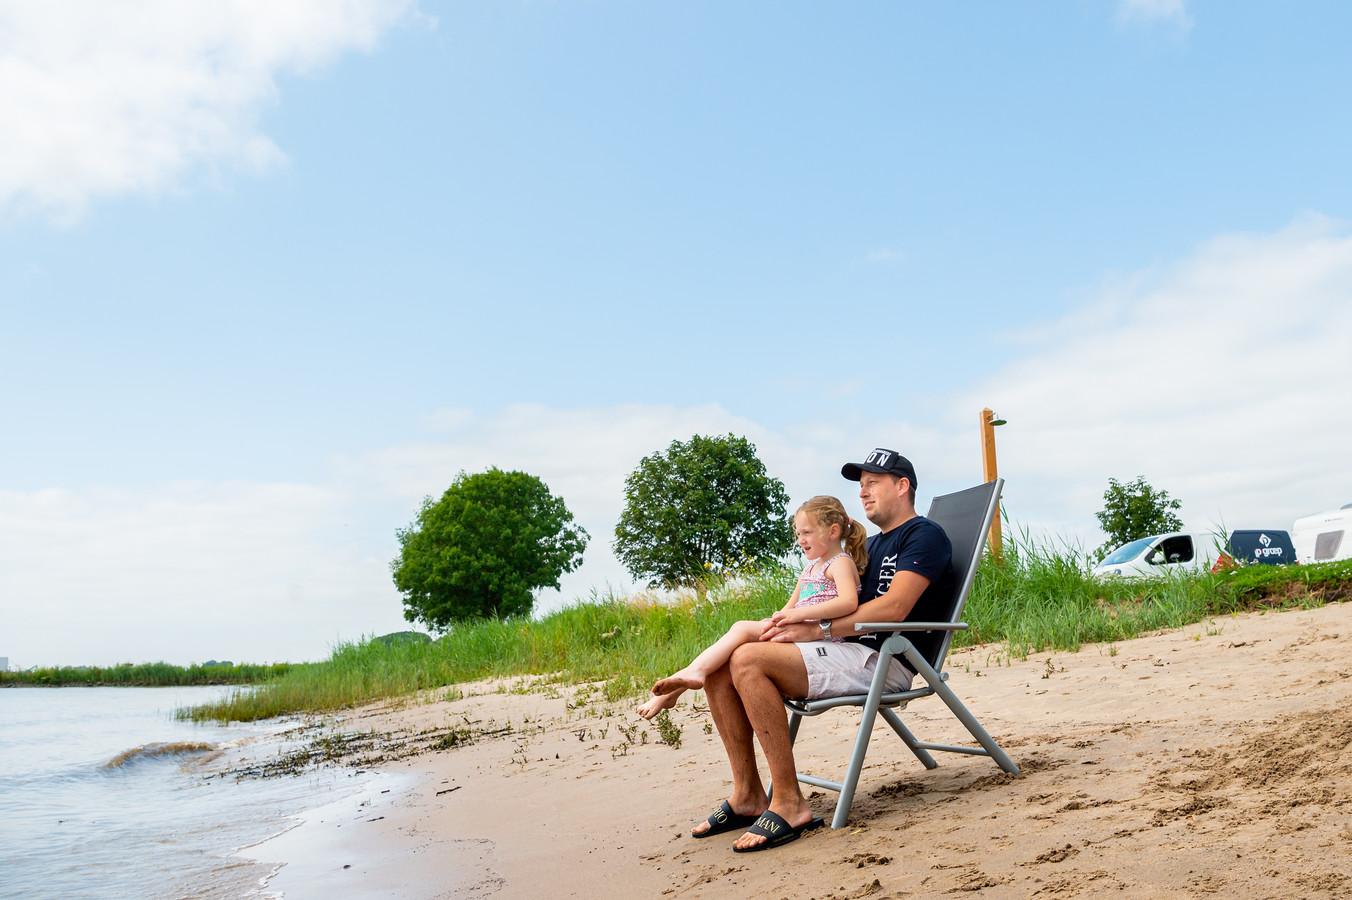 Stephan Zijdel en Faye Blinksma (5 jaar) die op de Stadscamping Schoonhoven verblijven denken er niet aan om in het water van de Lek te gaan. Zwemmen in de rivier is momenteel gevaarlijk door de zeer sterke stroming en het vele vuil dat wordt afgevoerd vanuit de Rijn.